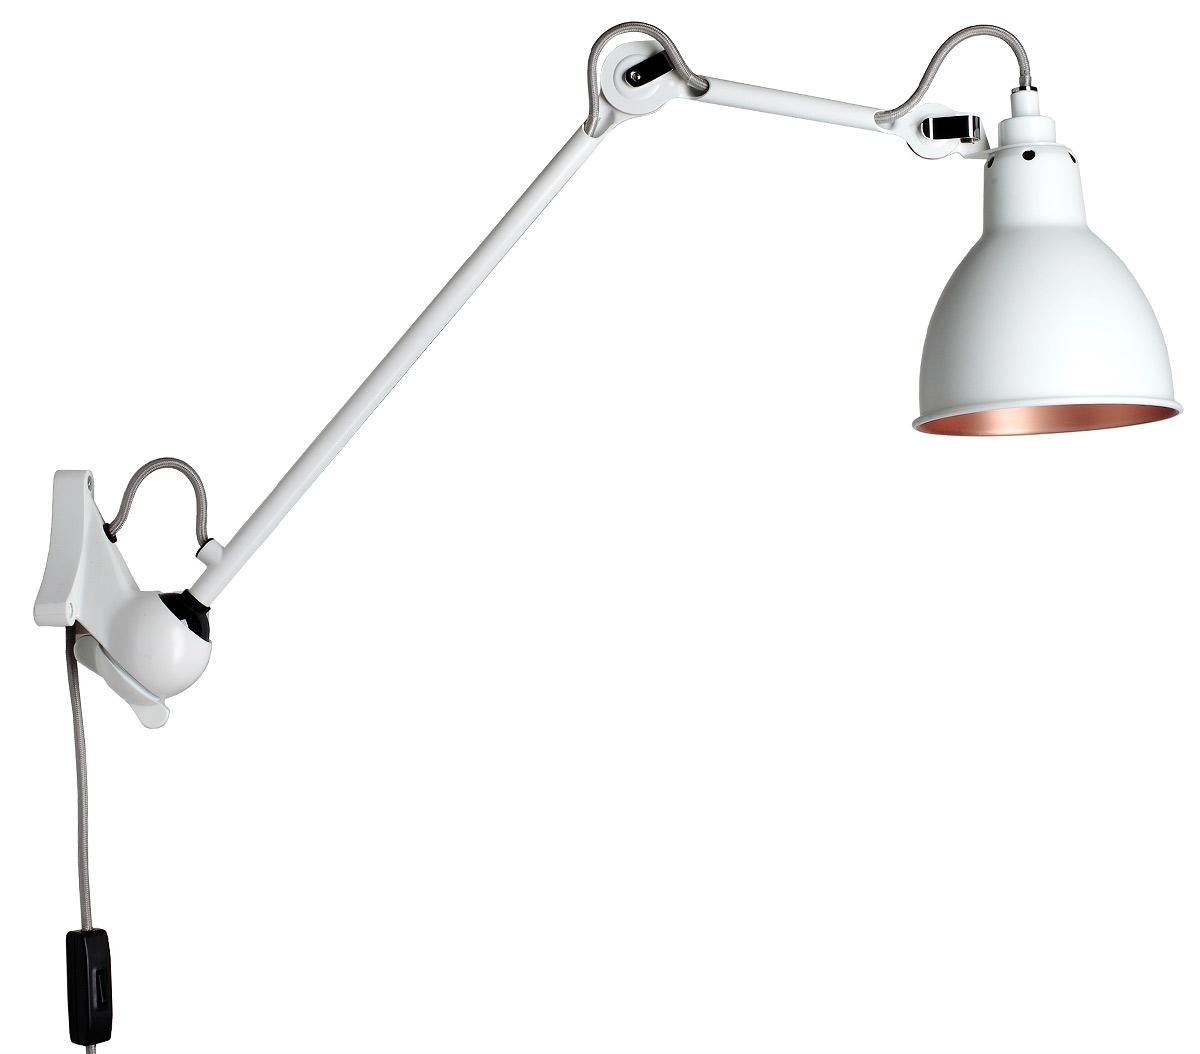 Tischlampe gezeichnet  Lampe Gras N° 222: Kugelgelenk-Wandleuchte Gelenklampe Ausleger ...